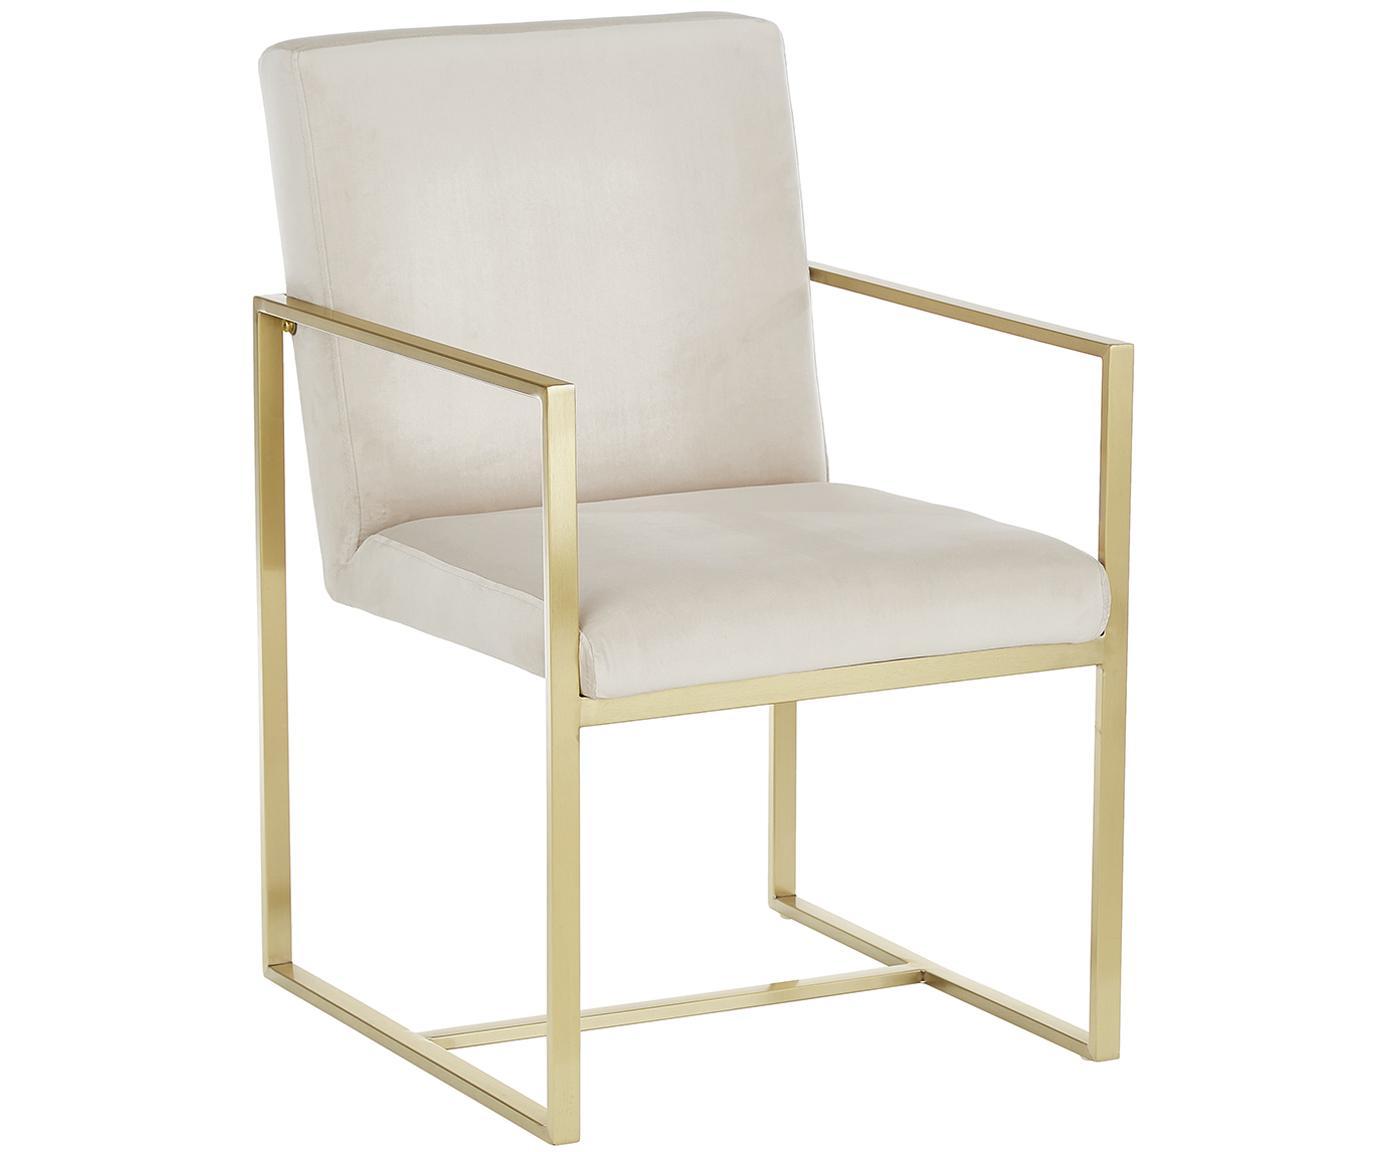 Krzesło z podłokietnikami z aksamitu Manhattan, Tapicerka: aksamit (poliester), Stelaż: metal powlekany, Beżowy, S 54 x G 66 cm